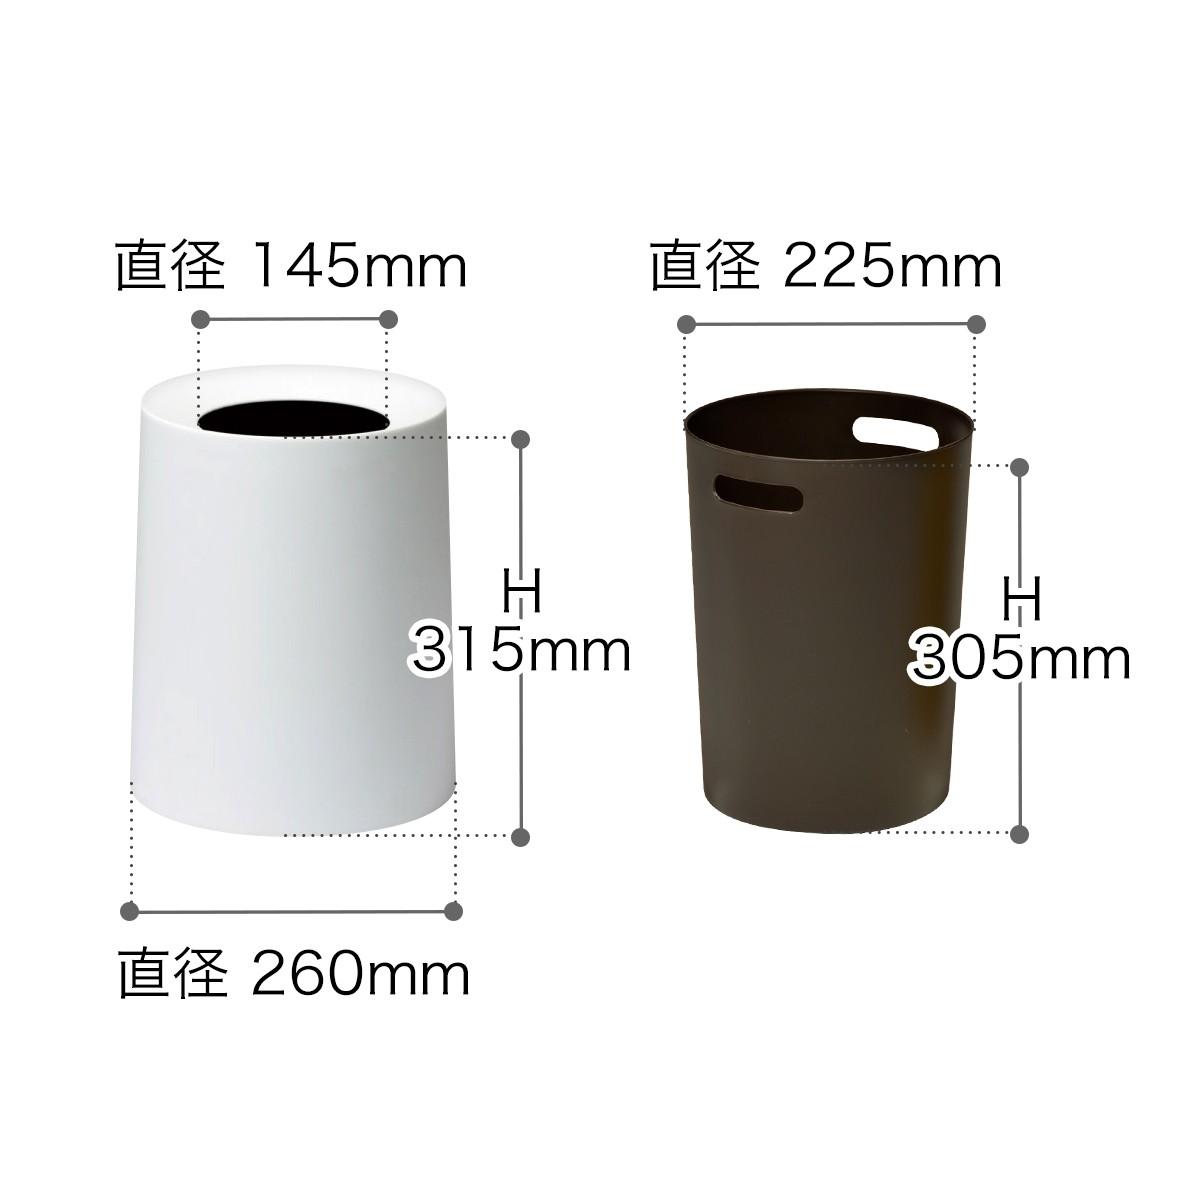 チューブラー オム 11.4L (サンドホワイト)の商品画像|2